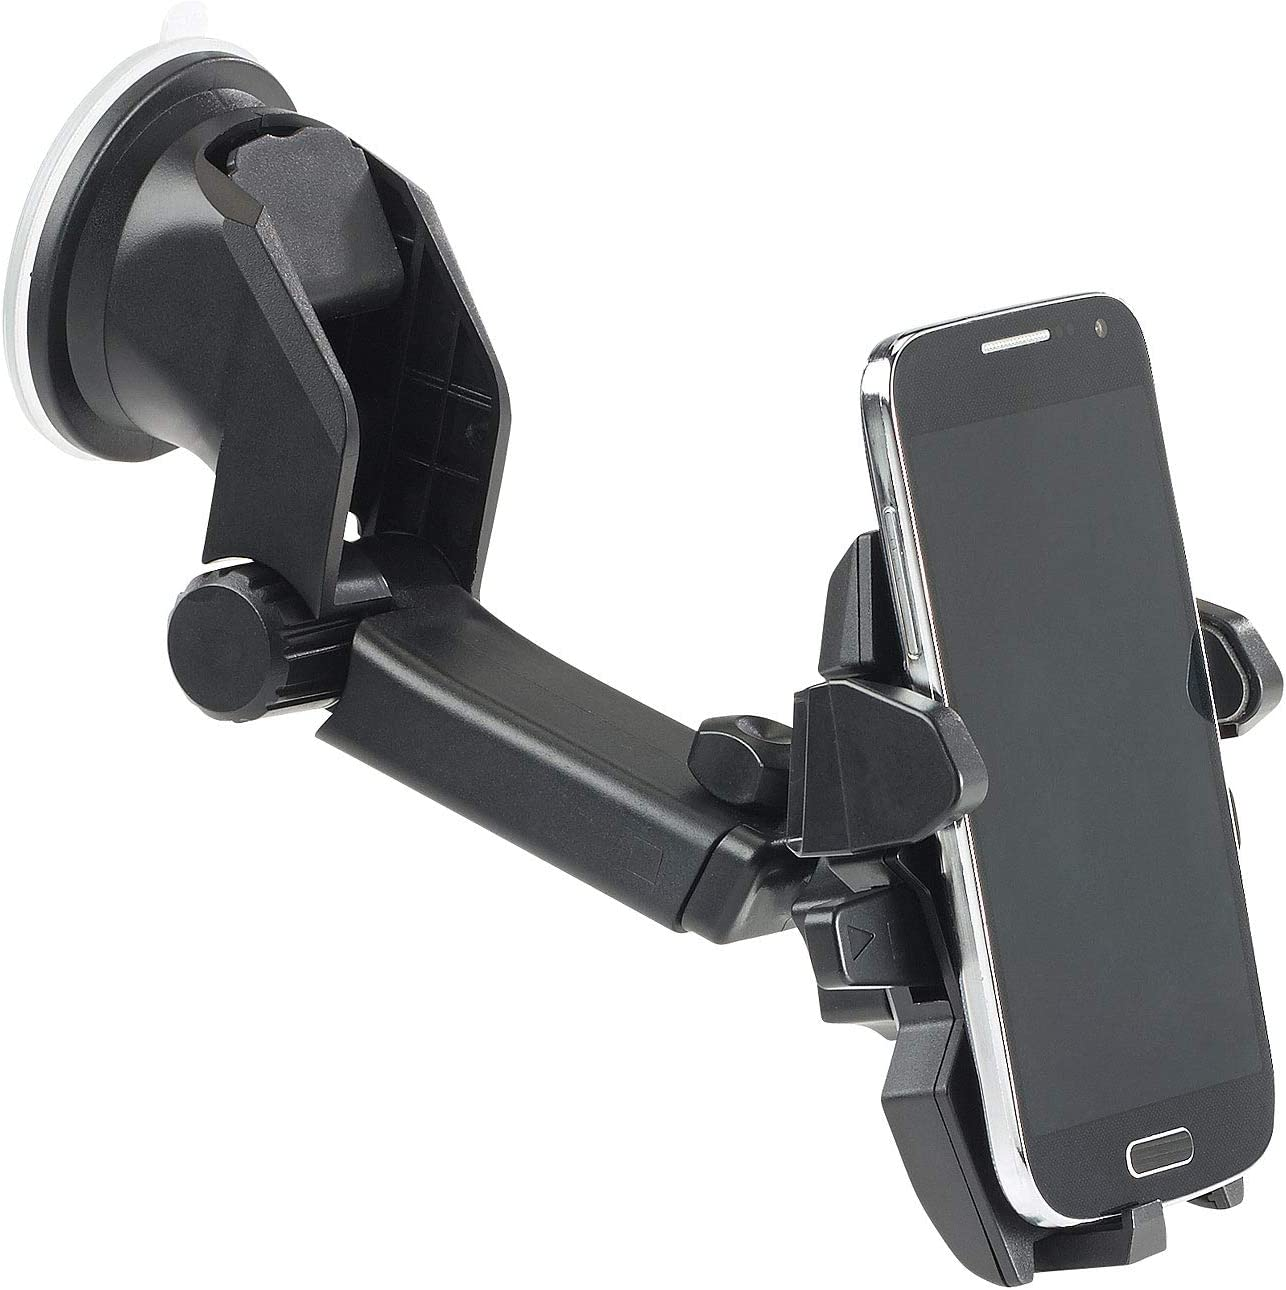 Callstel Kfz Halter Kfz Smartphone Armaturenbrett Halterung Elektronik